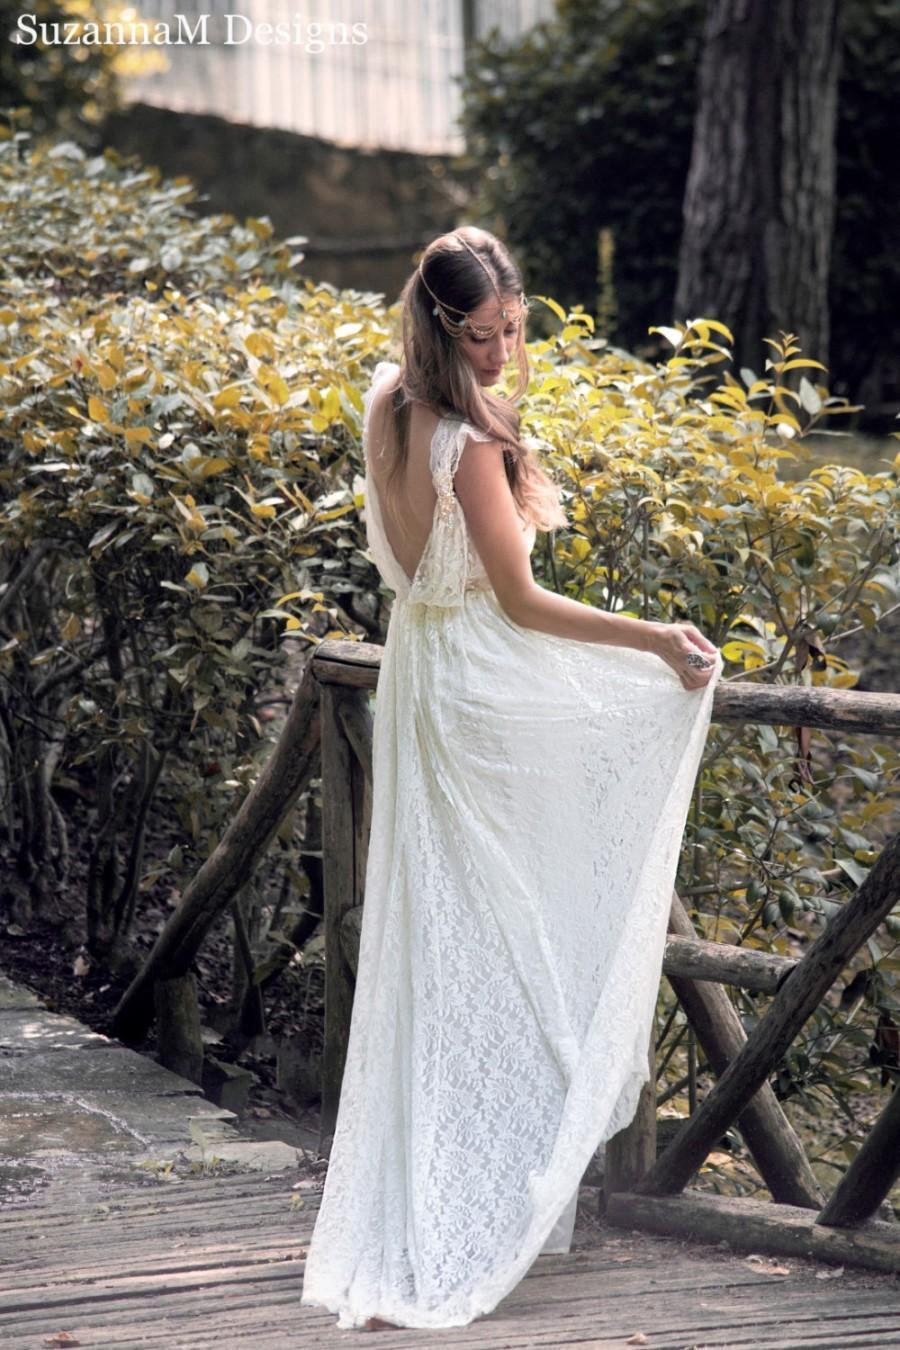 Hochzeit - Ivory Bohemian Wedding Dress Beautiful Lace Wedding Long Gown Boho Wedding Gown Bridal Gypsy Wedding Dress - Handmade by SuzannaM Designs